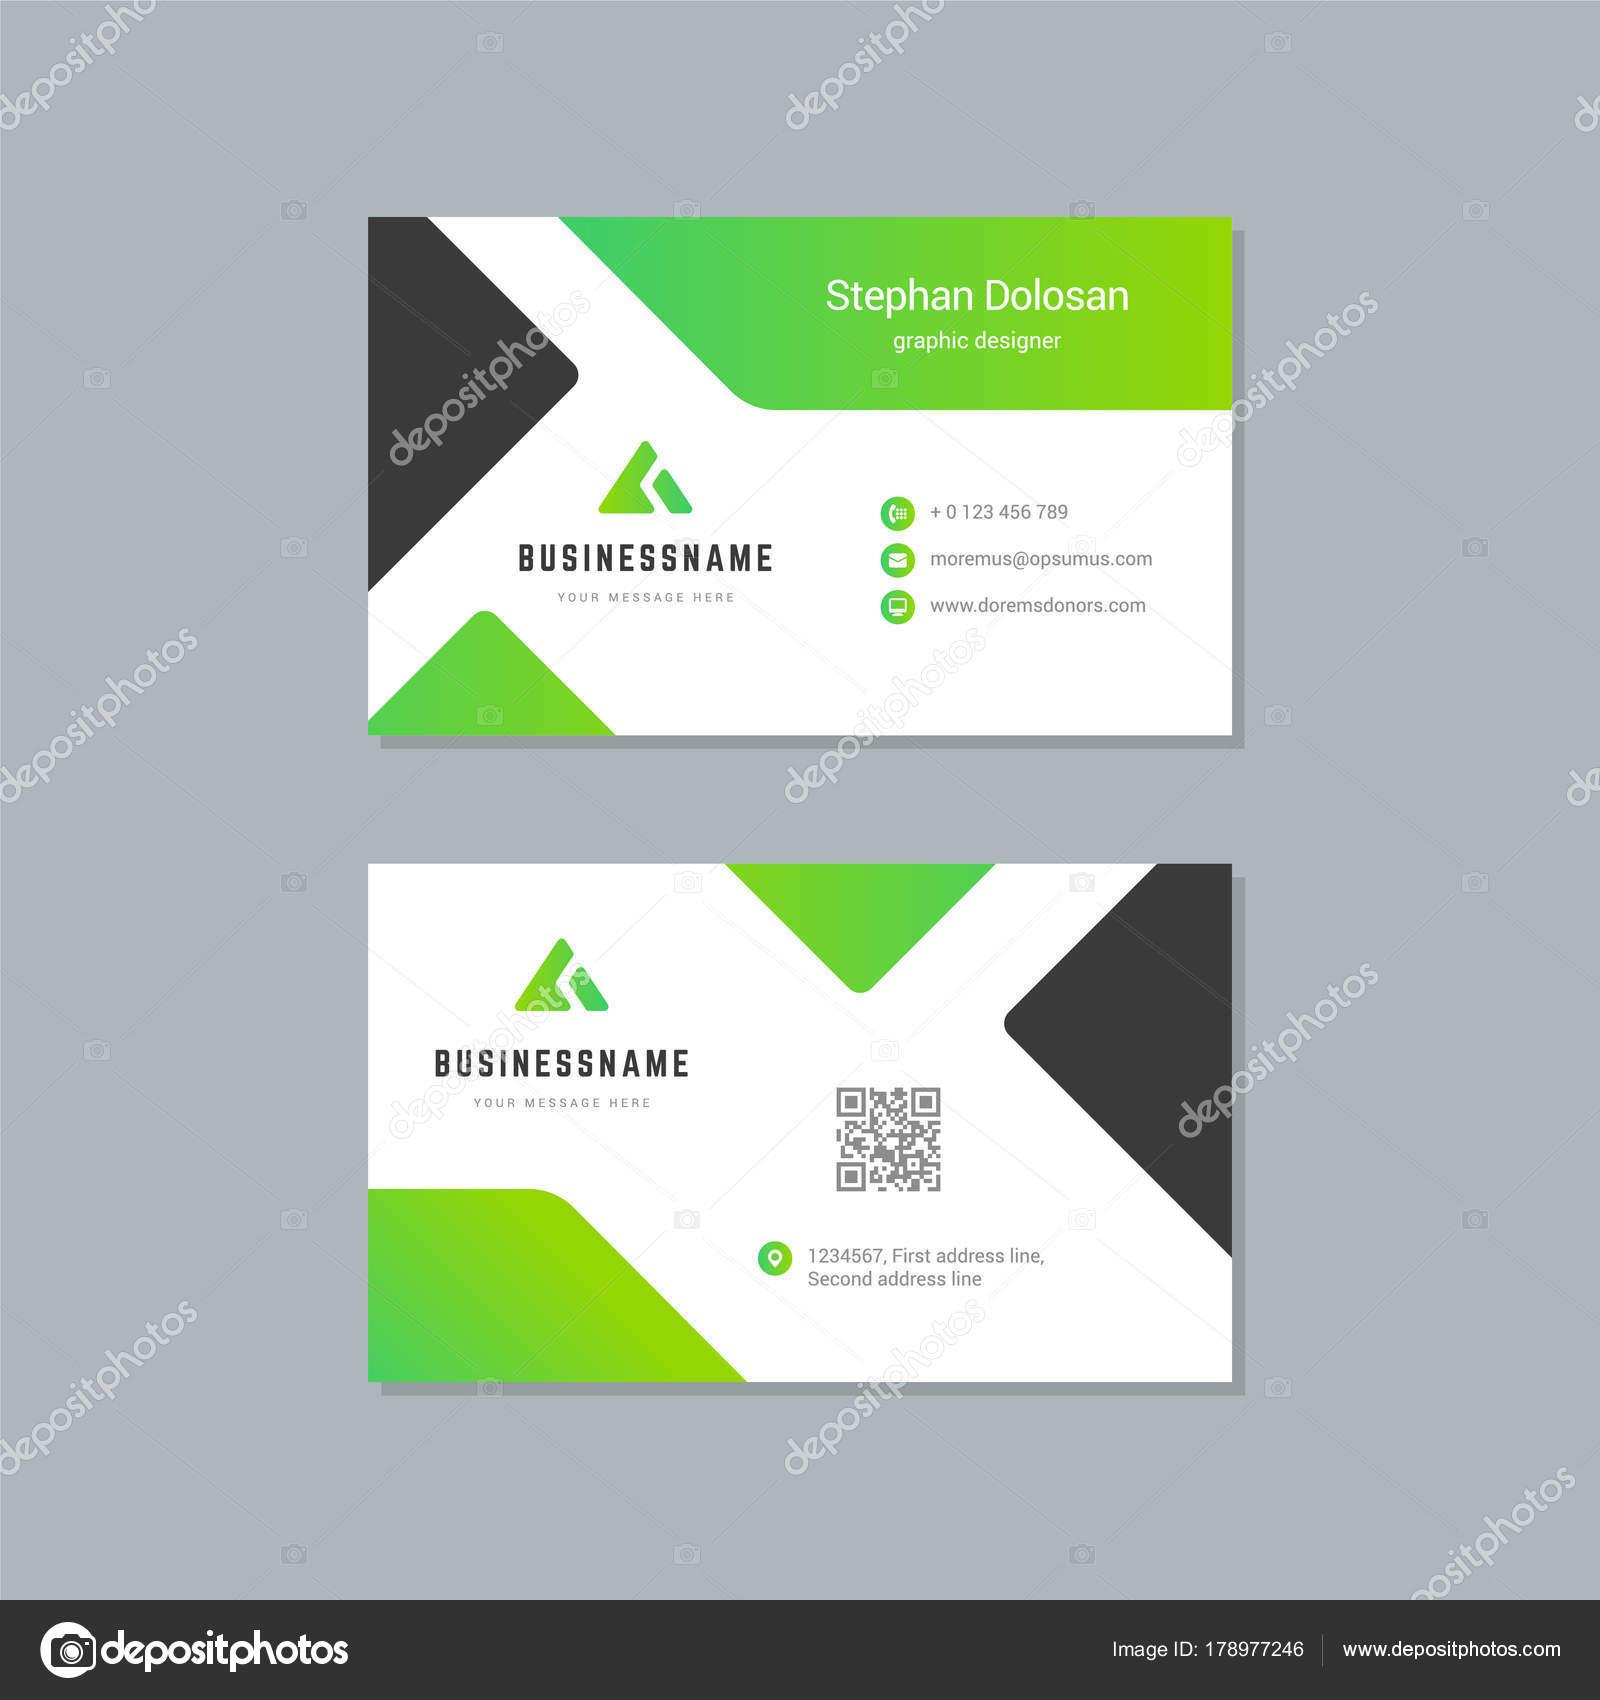 Carte De Visite Design Modle Abstrait Moderne Corporate Branding Style Vecteur Illustration Image Vectorielle